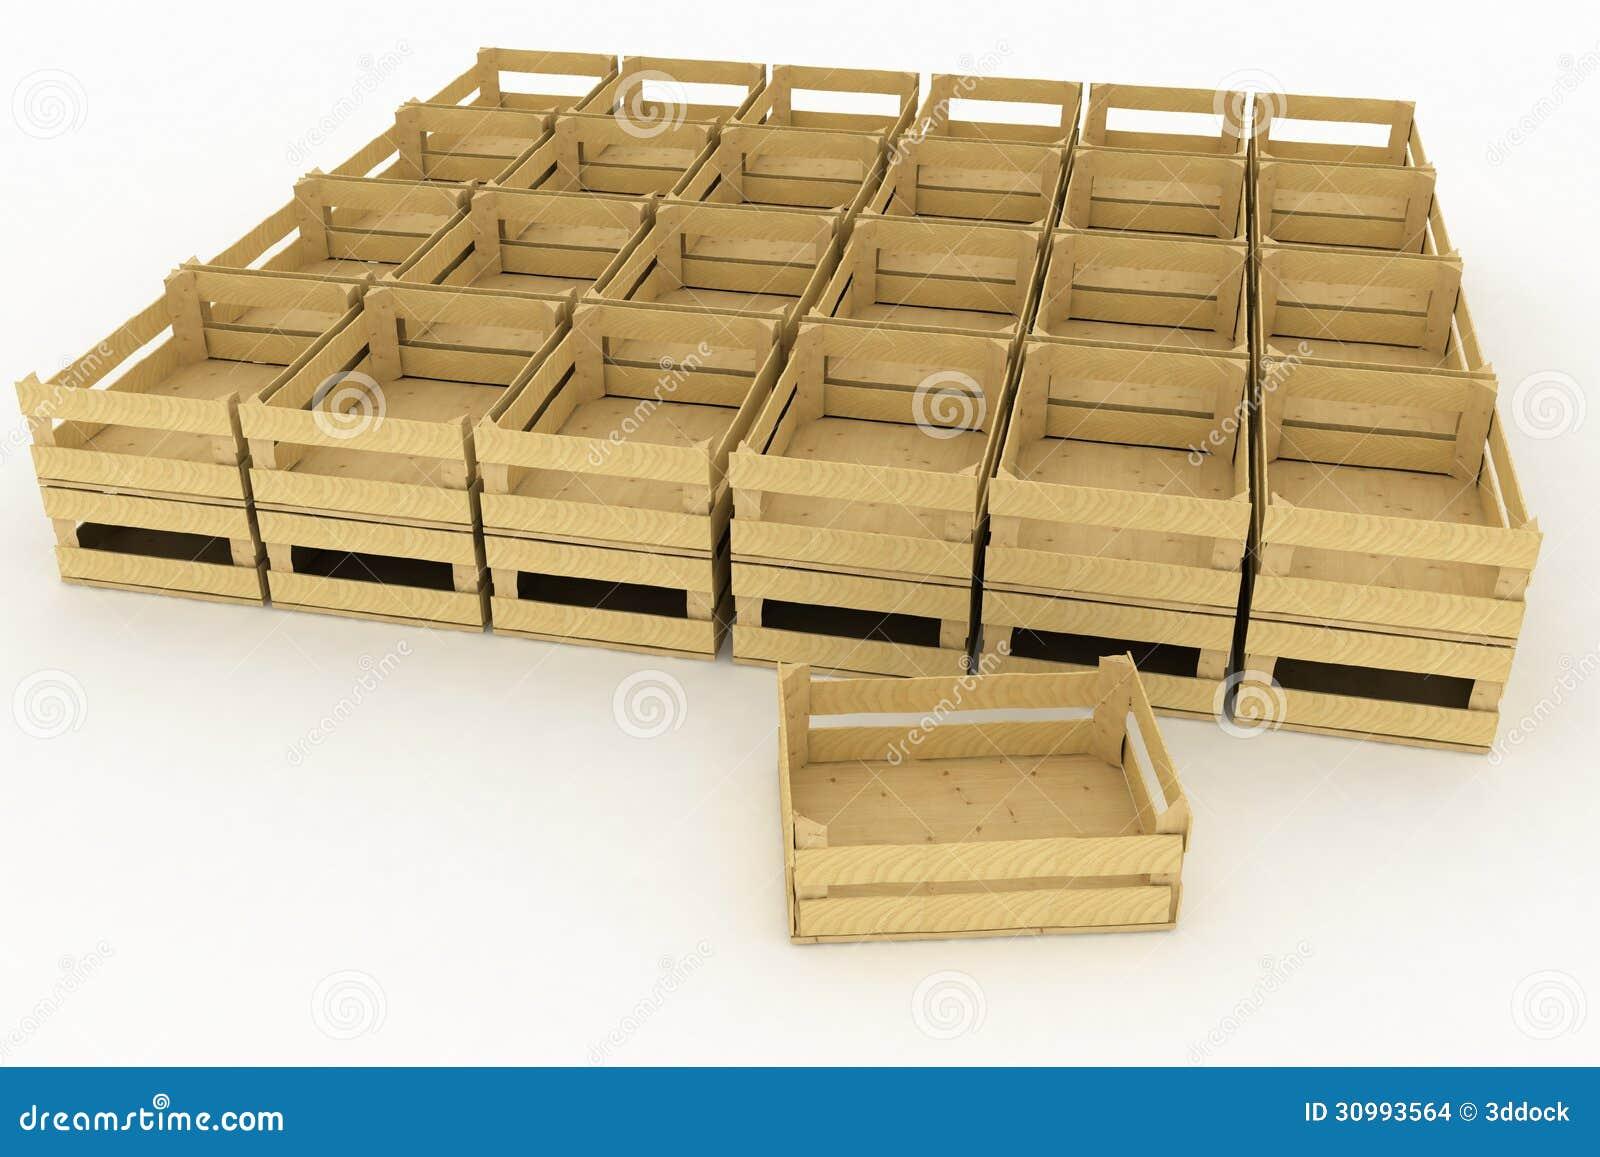 cajas de madera vacas - Cajas De Madera Fruta